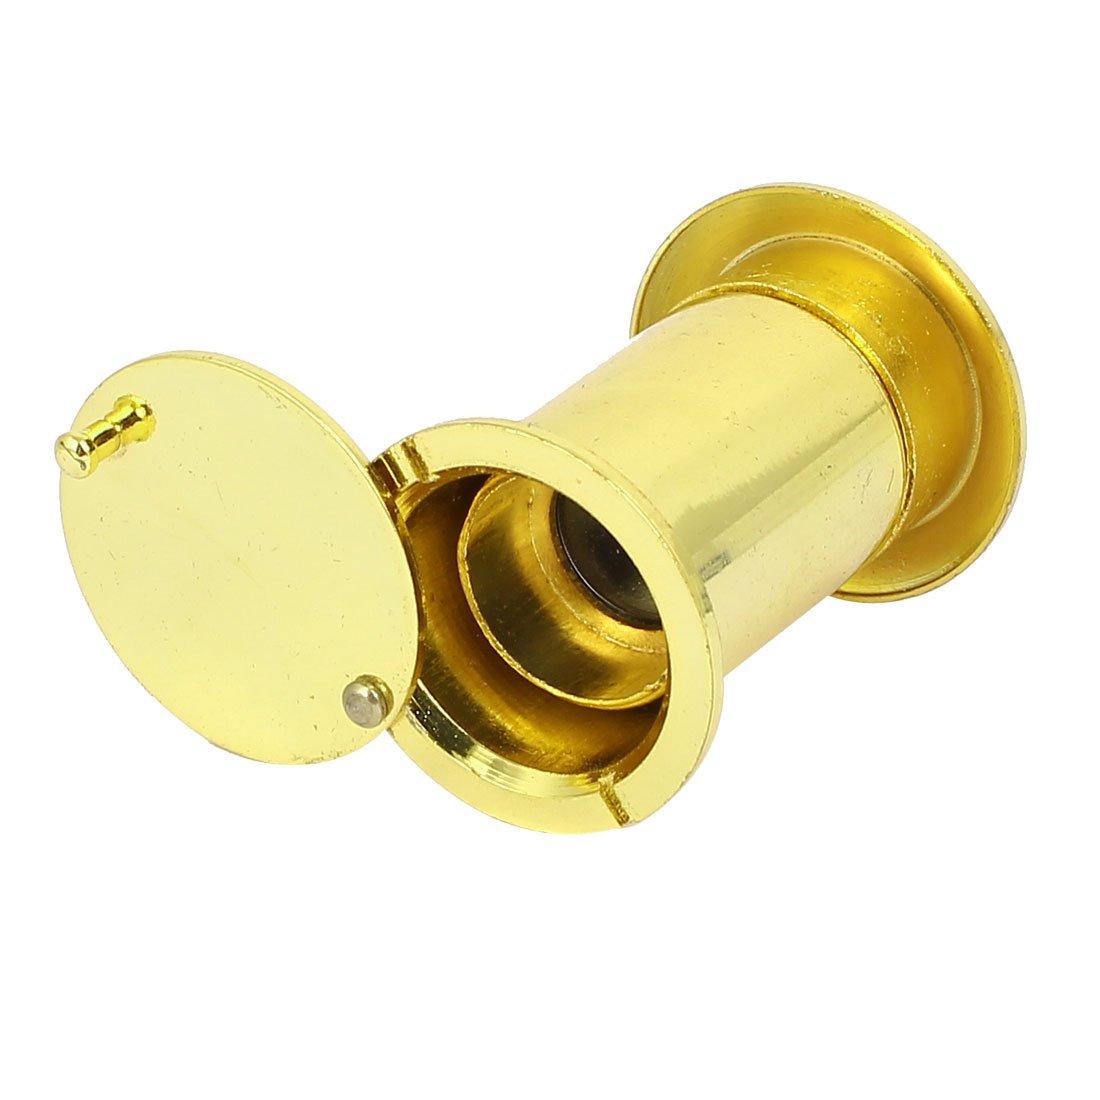 schl/össer Durchmesser 220 Grad Breit Winkel T/ürspion T/ürspione Peephole Gold Aexit 26mm T/ürbeschl/äge /&